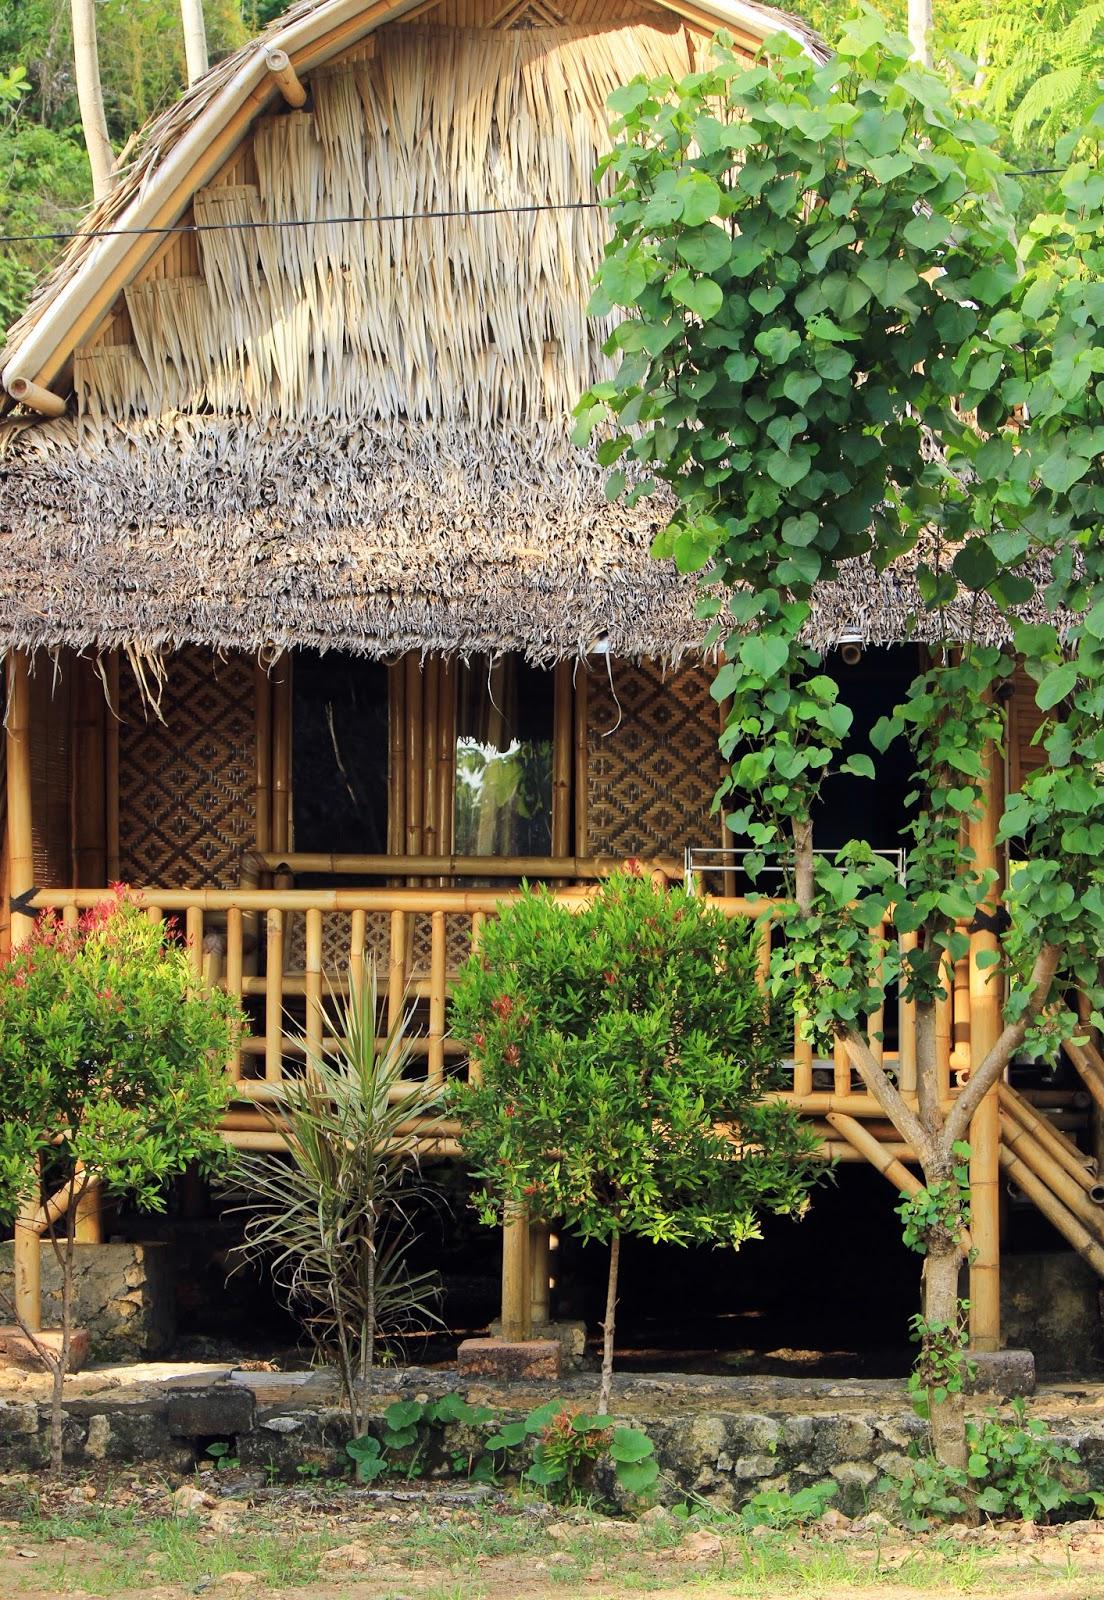 Bamboo Lengkung Pantai Indrayanti